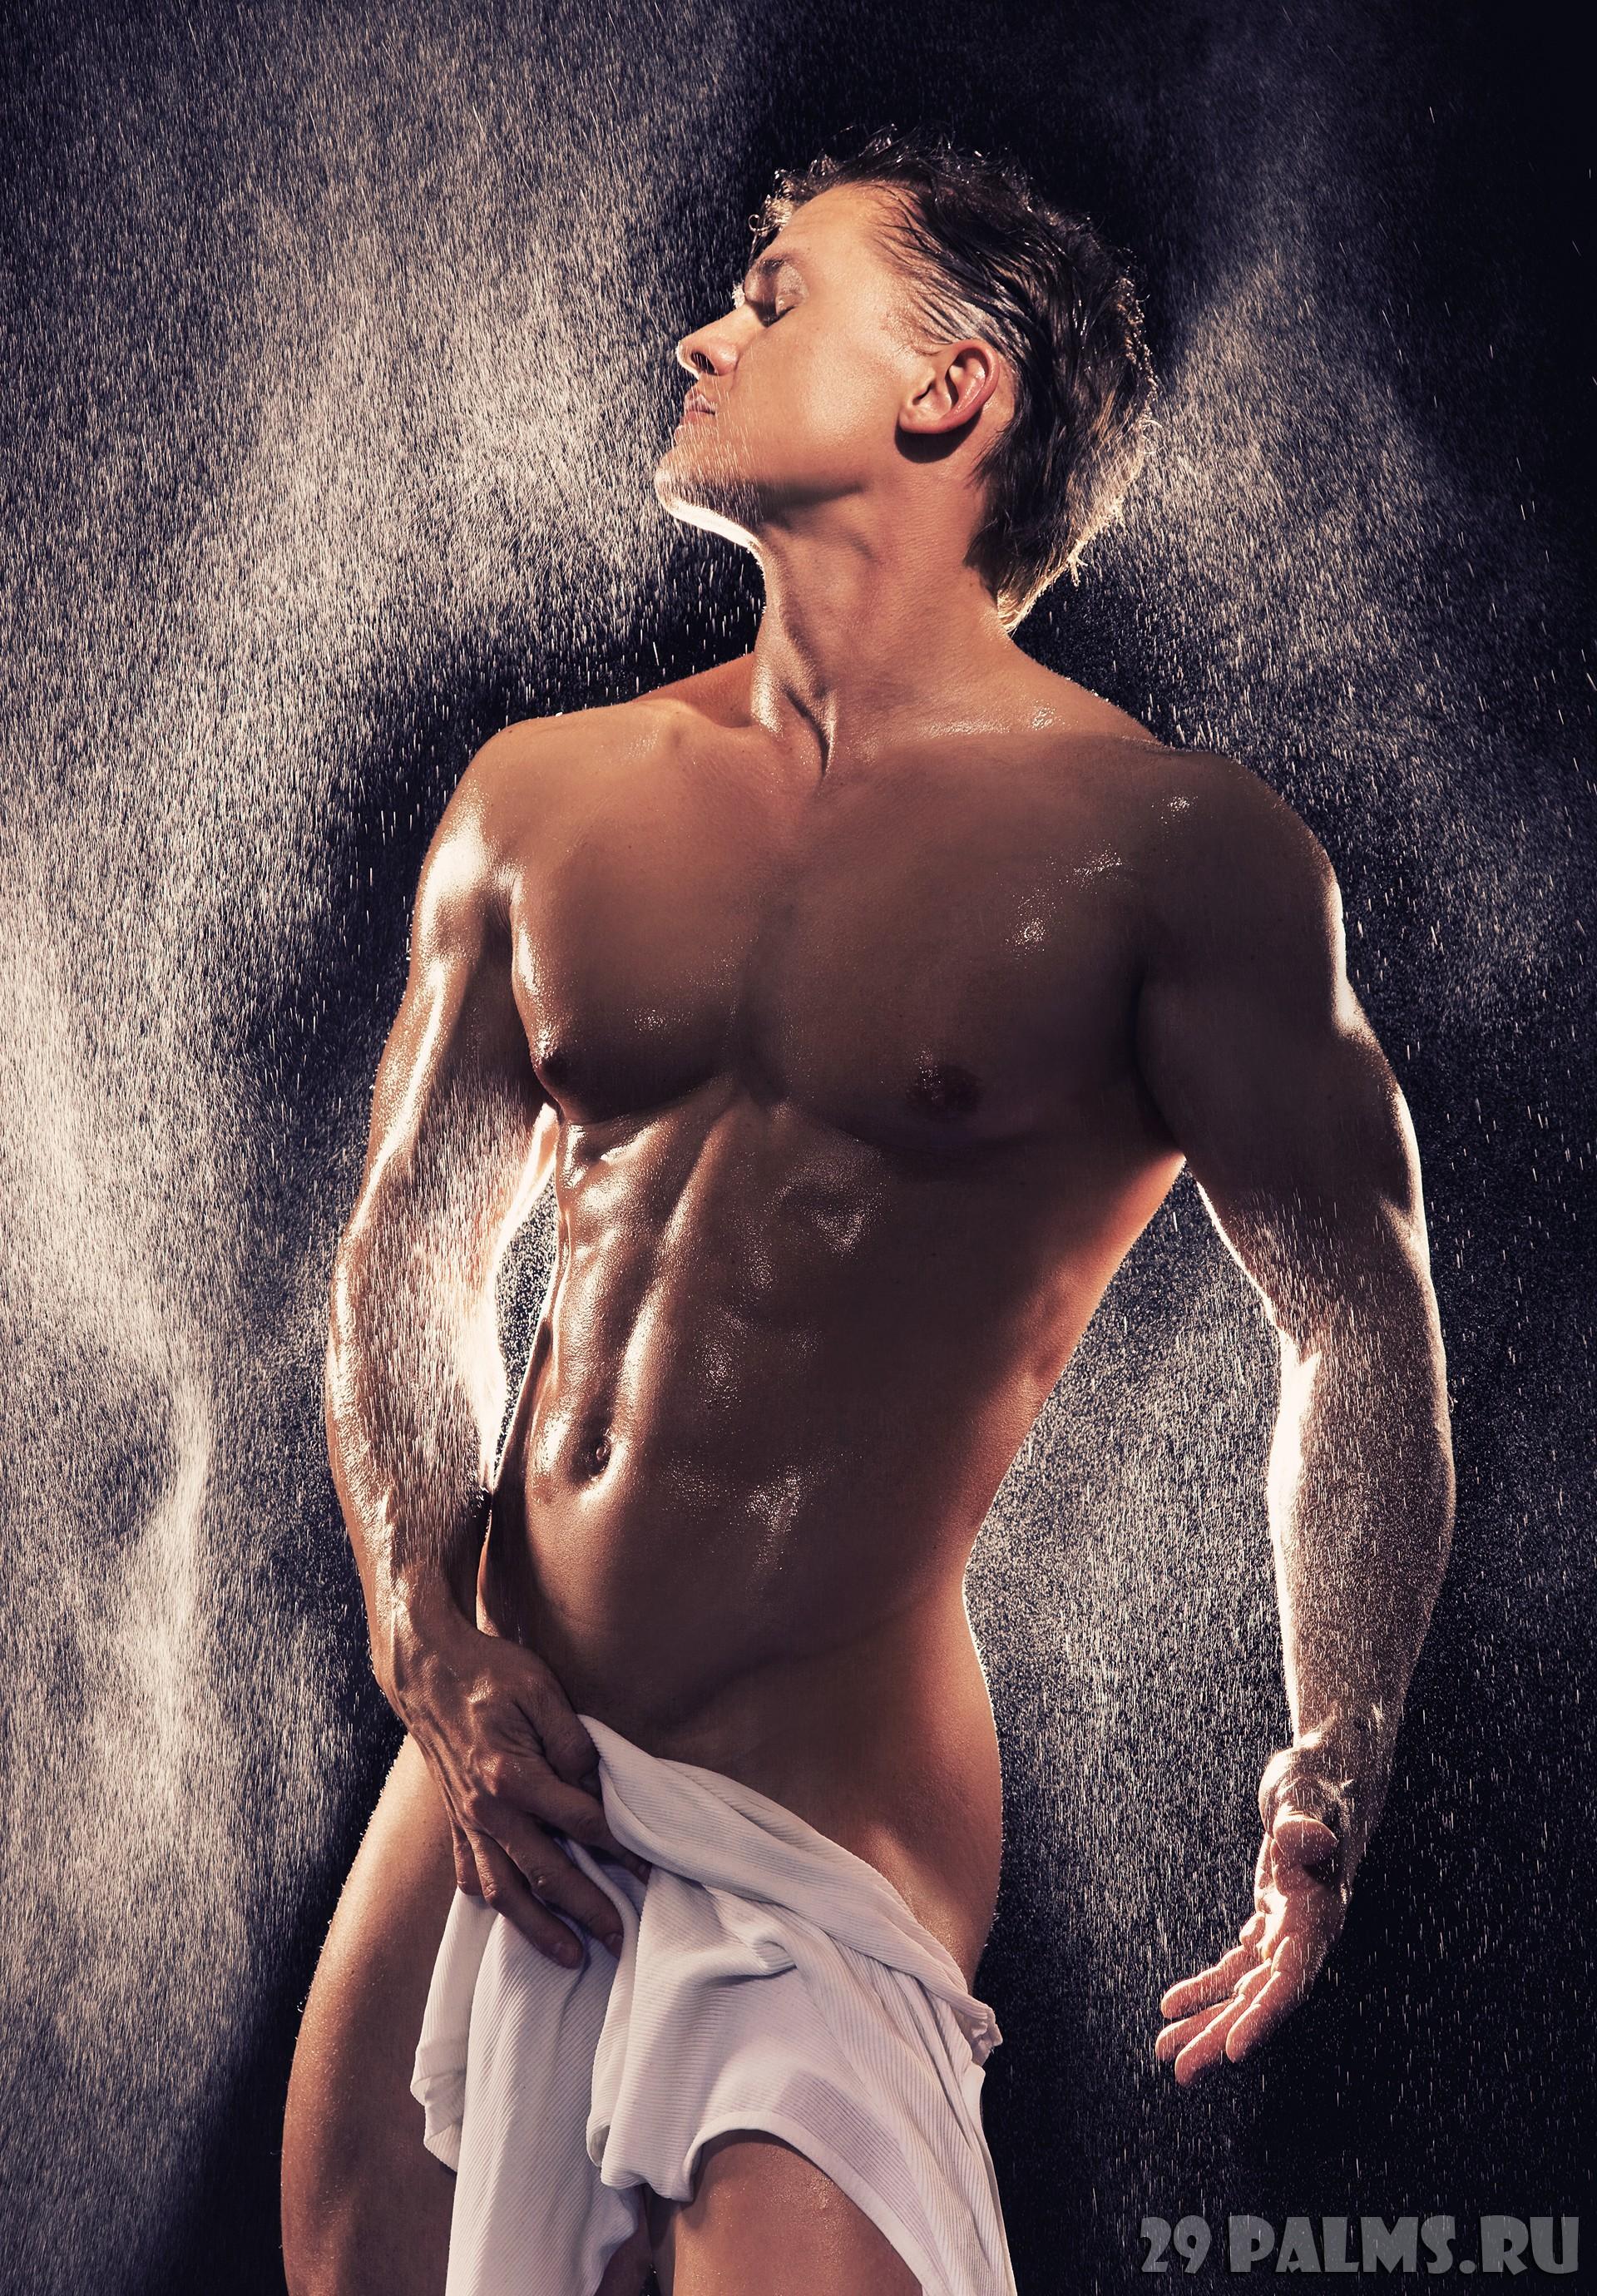 Красивый парень в душе